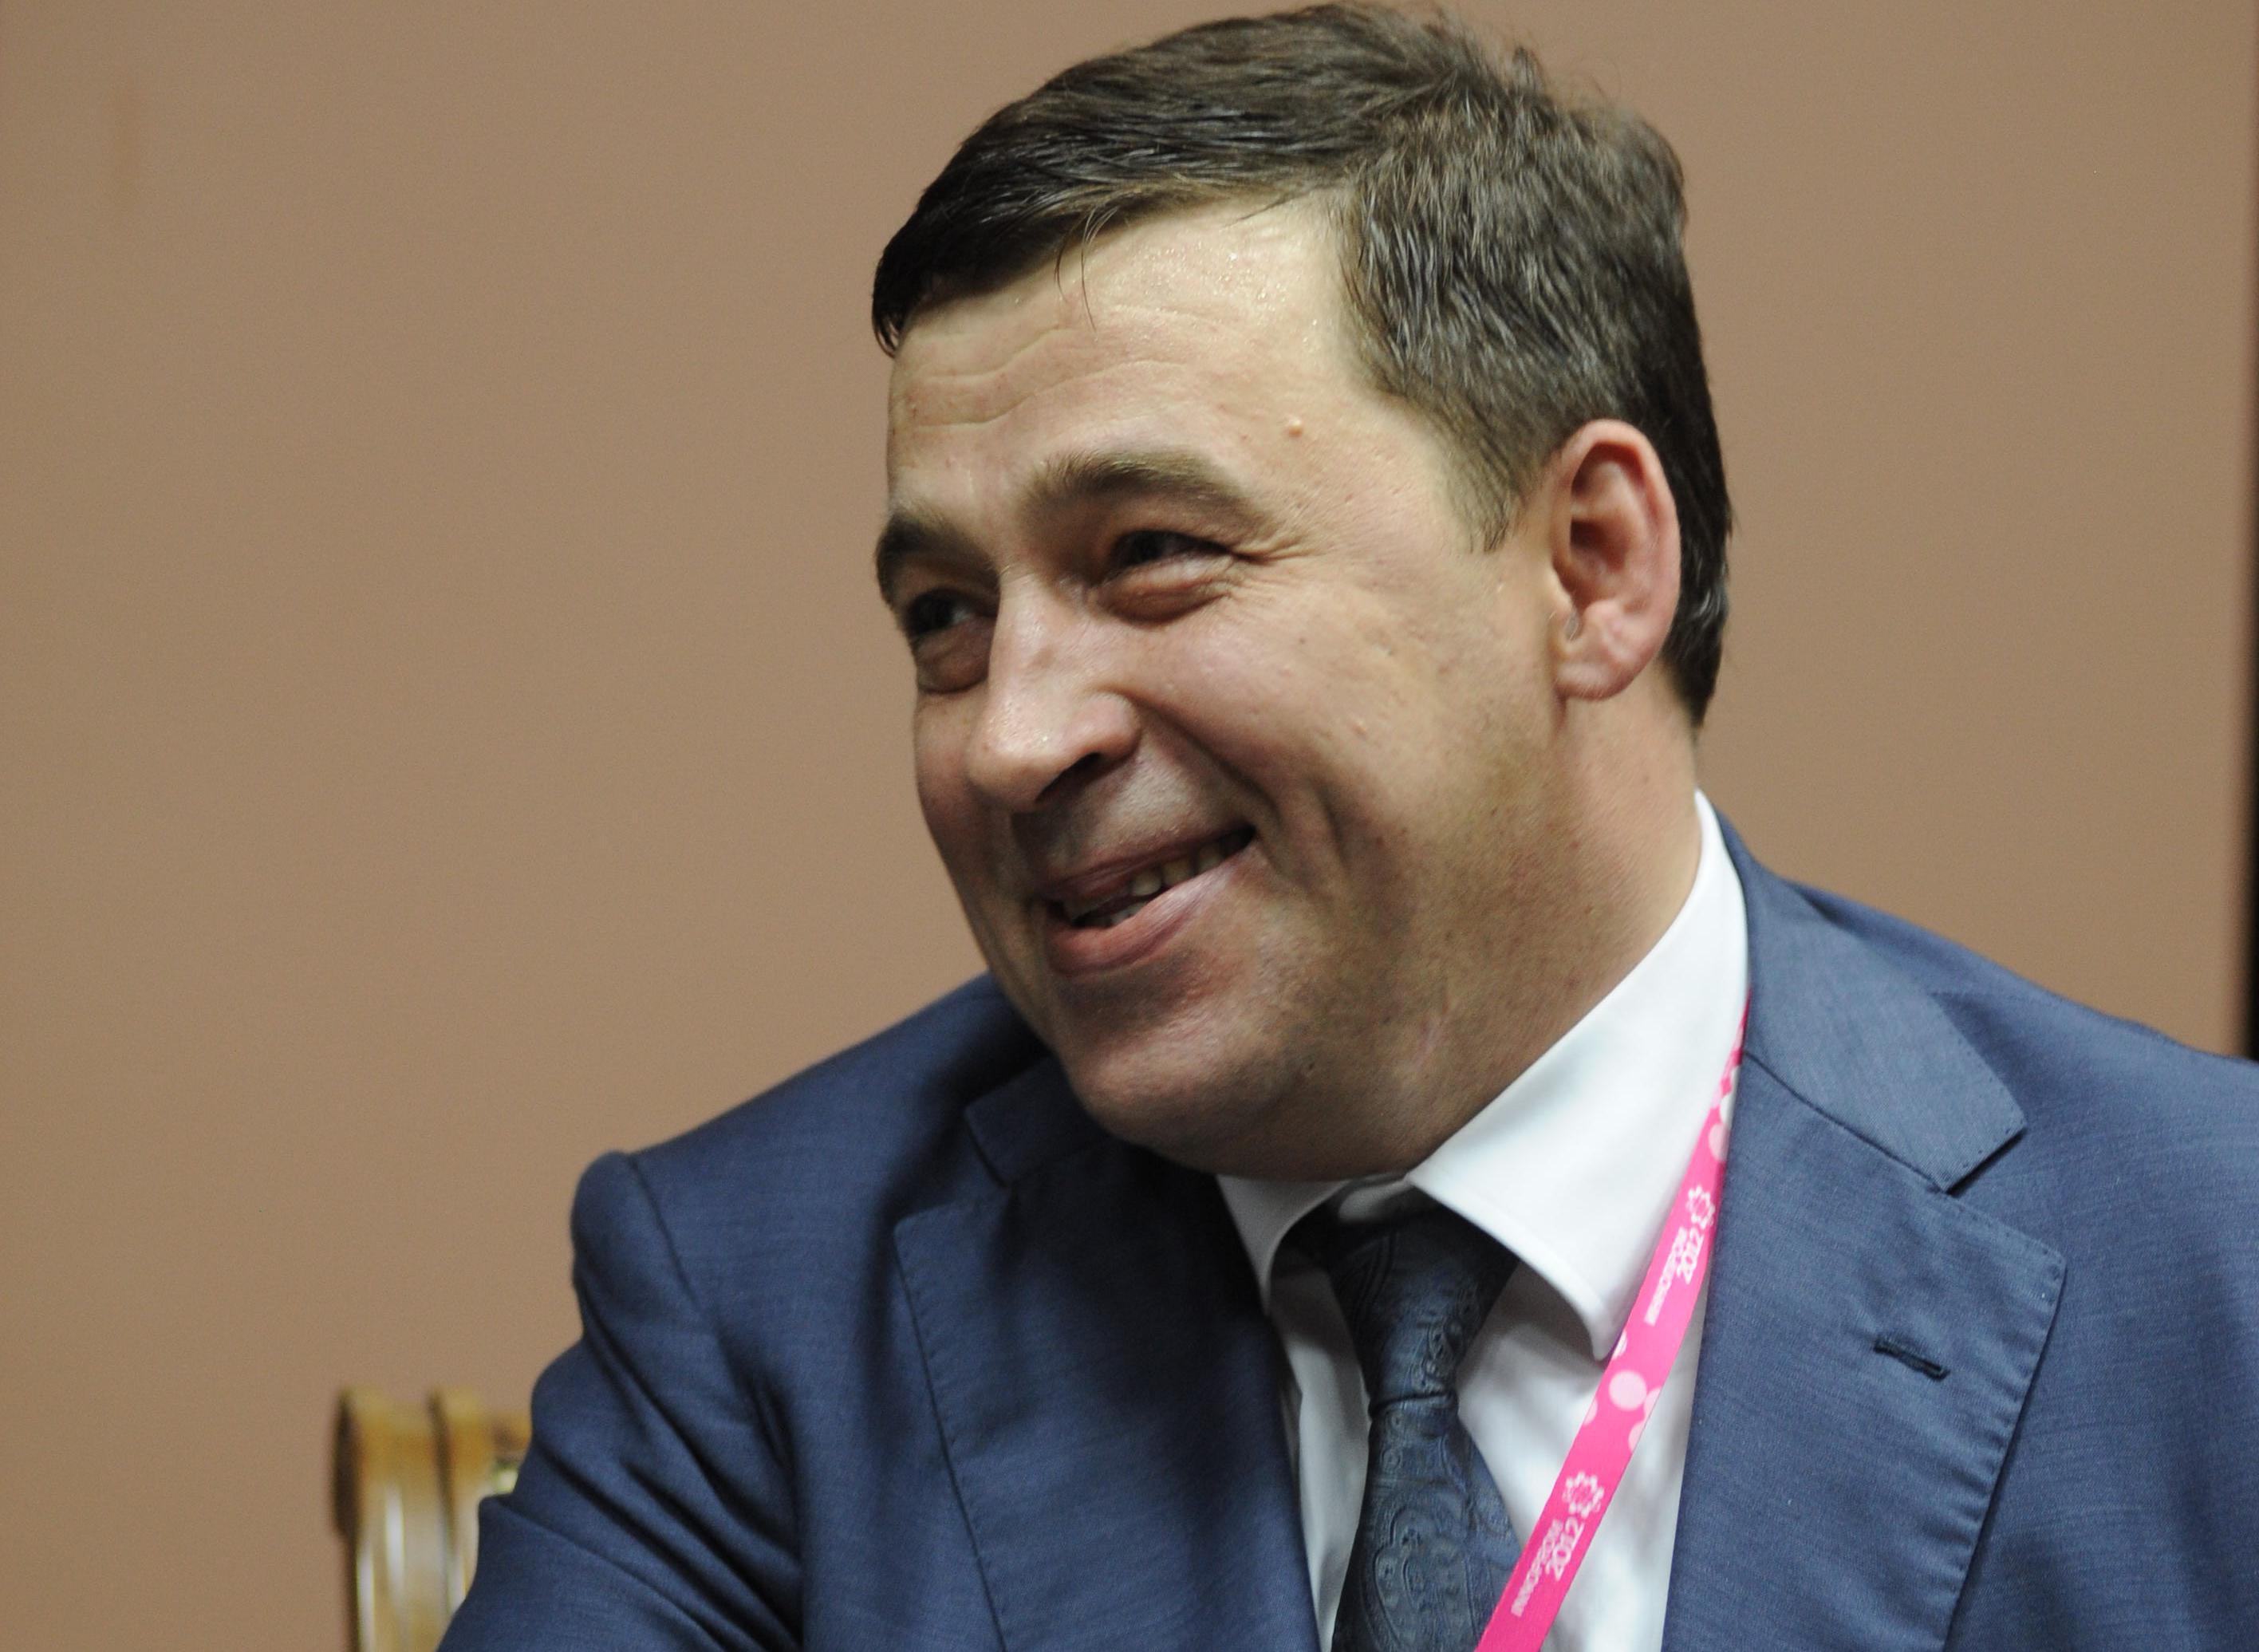 Куйвашев пообещал улучшить жизнь свердловчан, несмотря на проблемы с деньгами